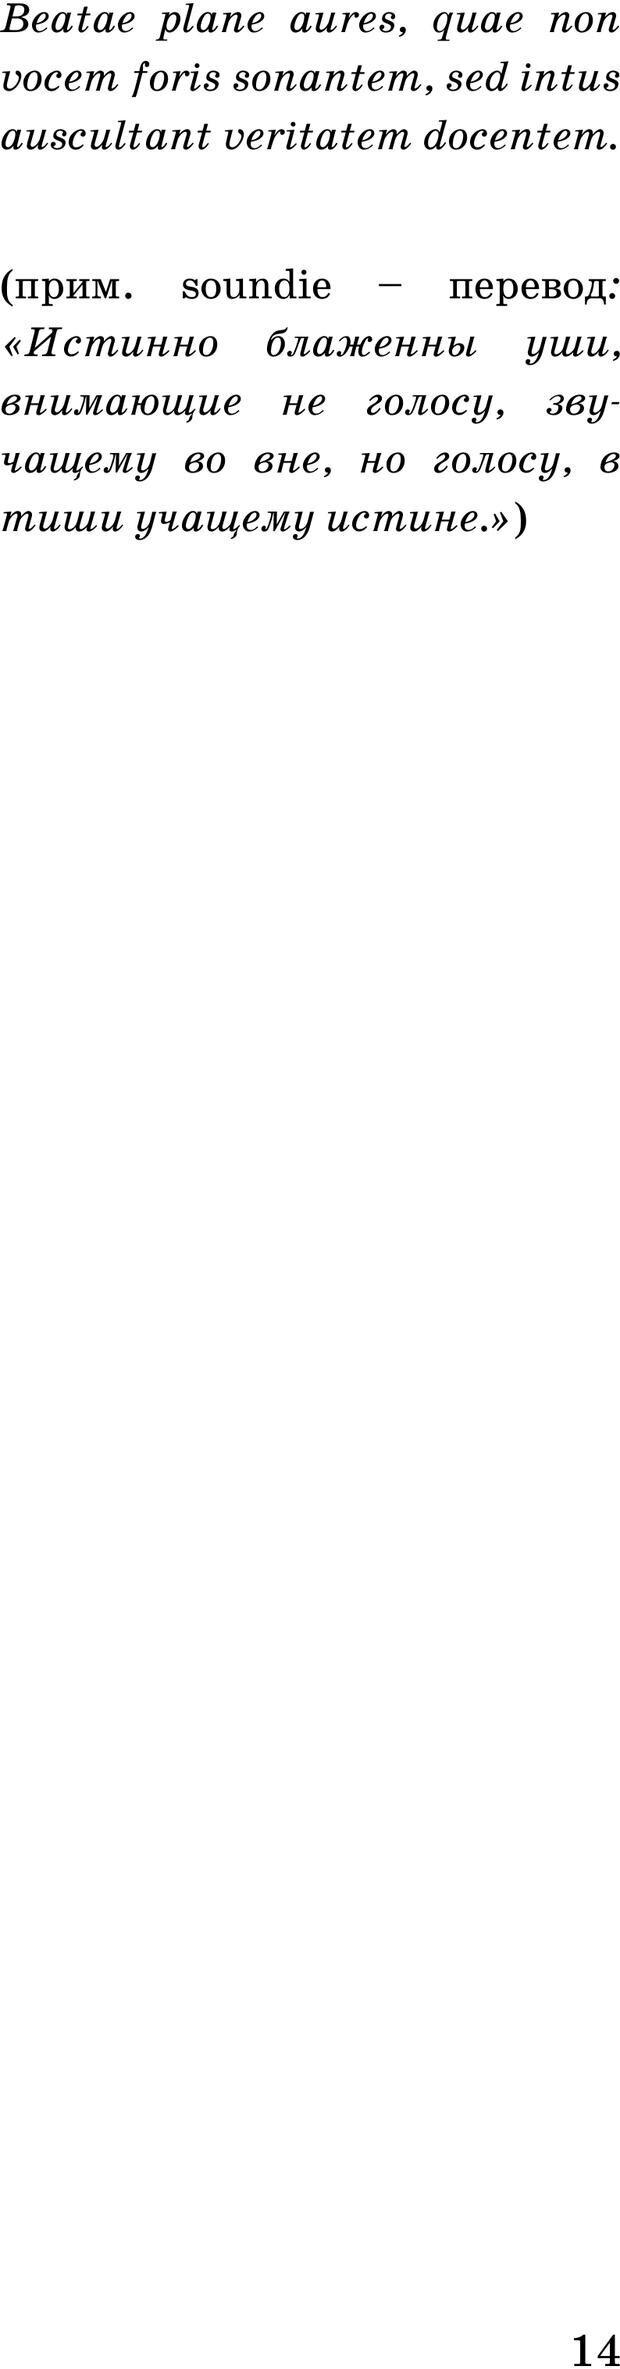 PDF. Русская Модель Эффективного Соблазнения. Мастерский курс. Богачев Ф. О. Страница 12. Читать онлайн